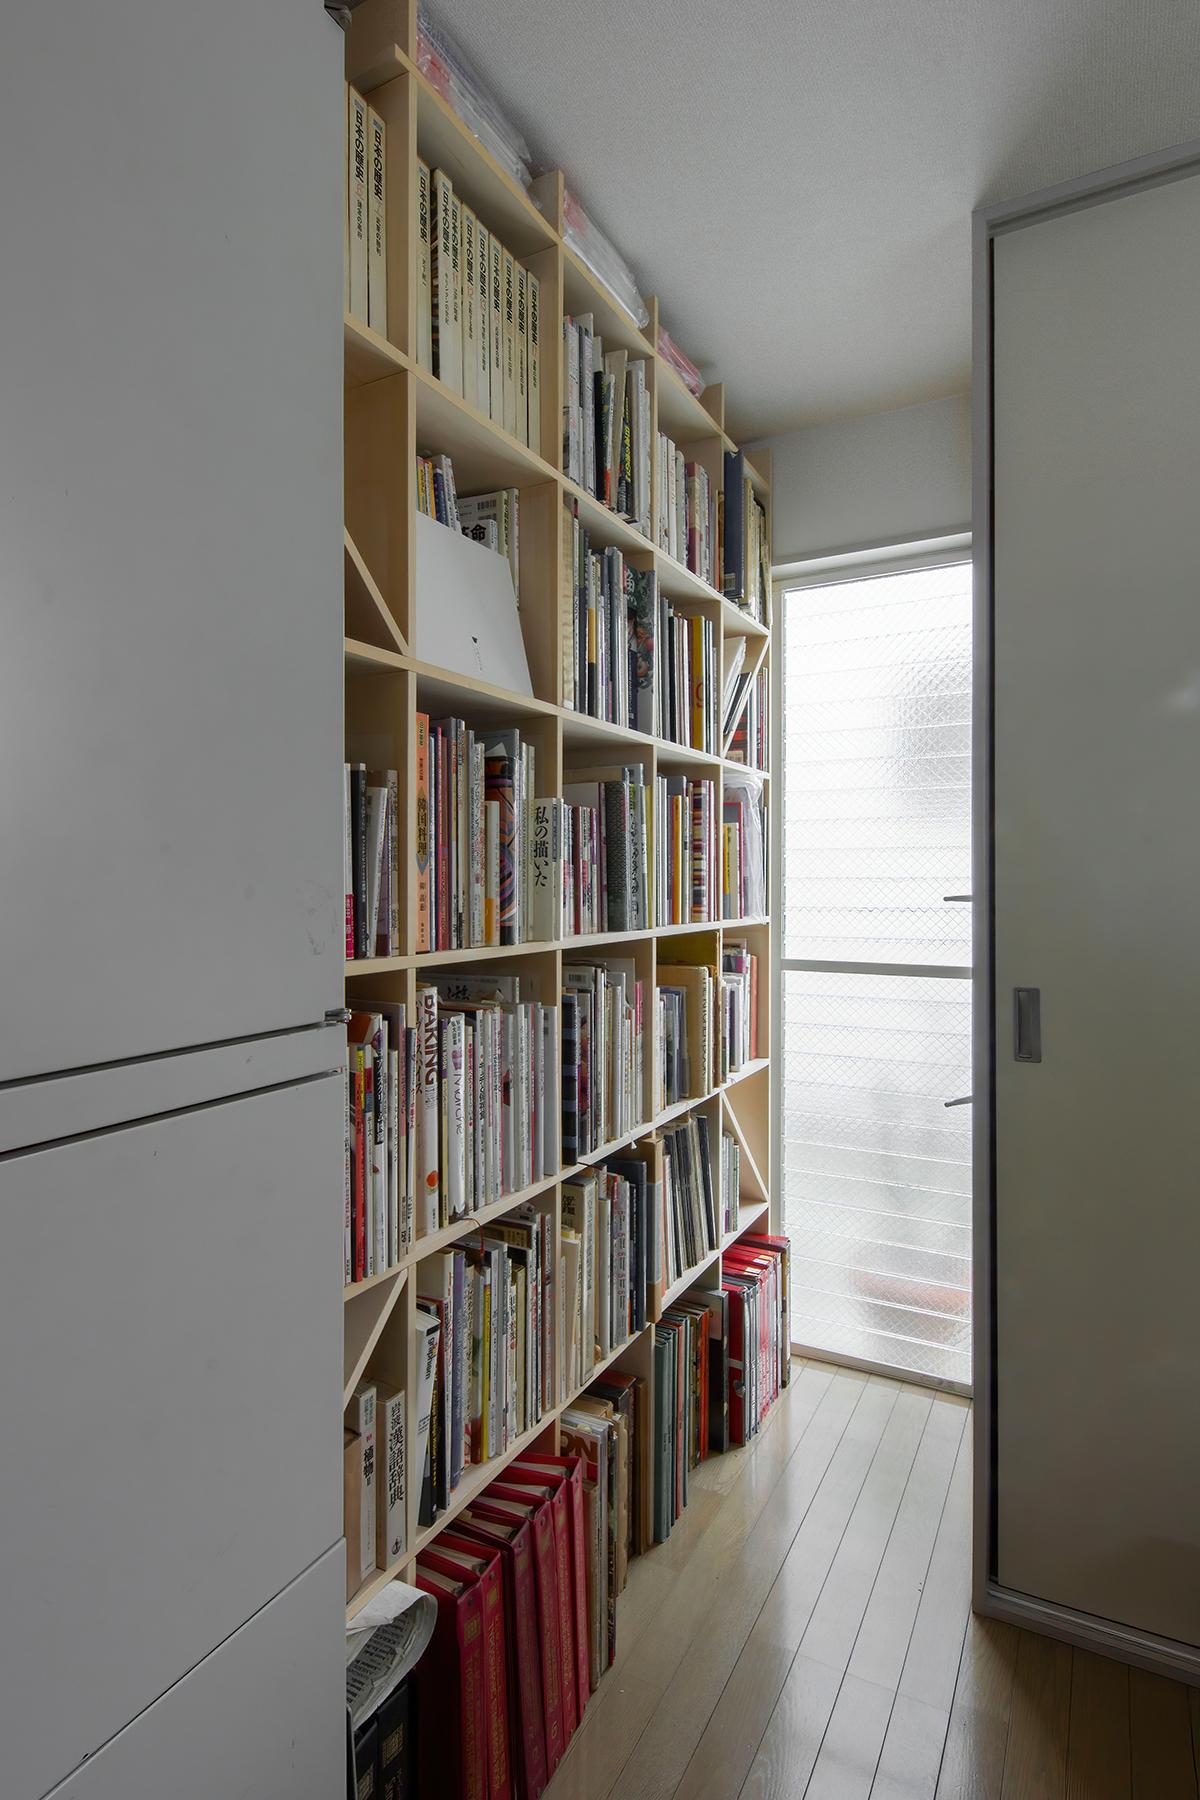 事務所レイアウトに壁一面の本棚